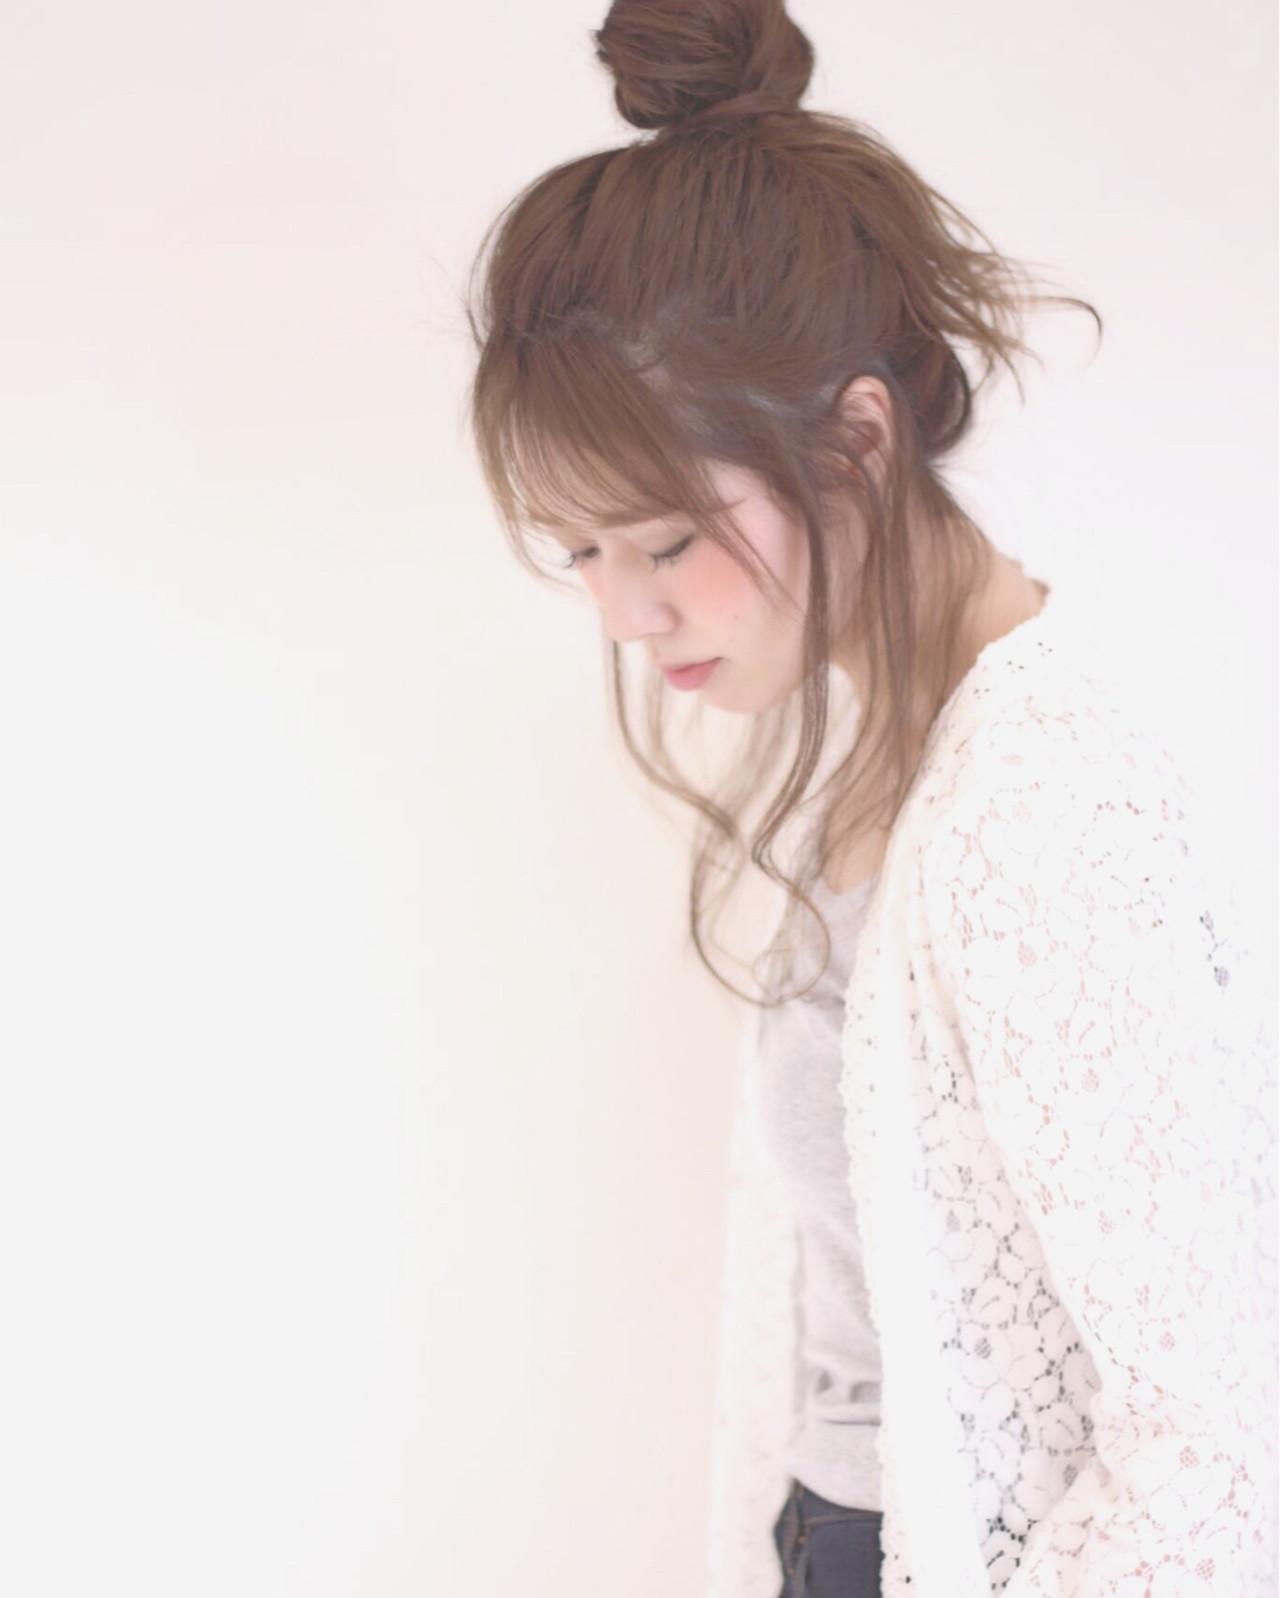 ゆるふわ ヘアアレンジ お団子 ショート ヘアスタイルや髪型の写真・画像 | 桐谷 芽依 /